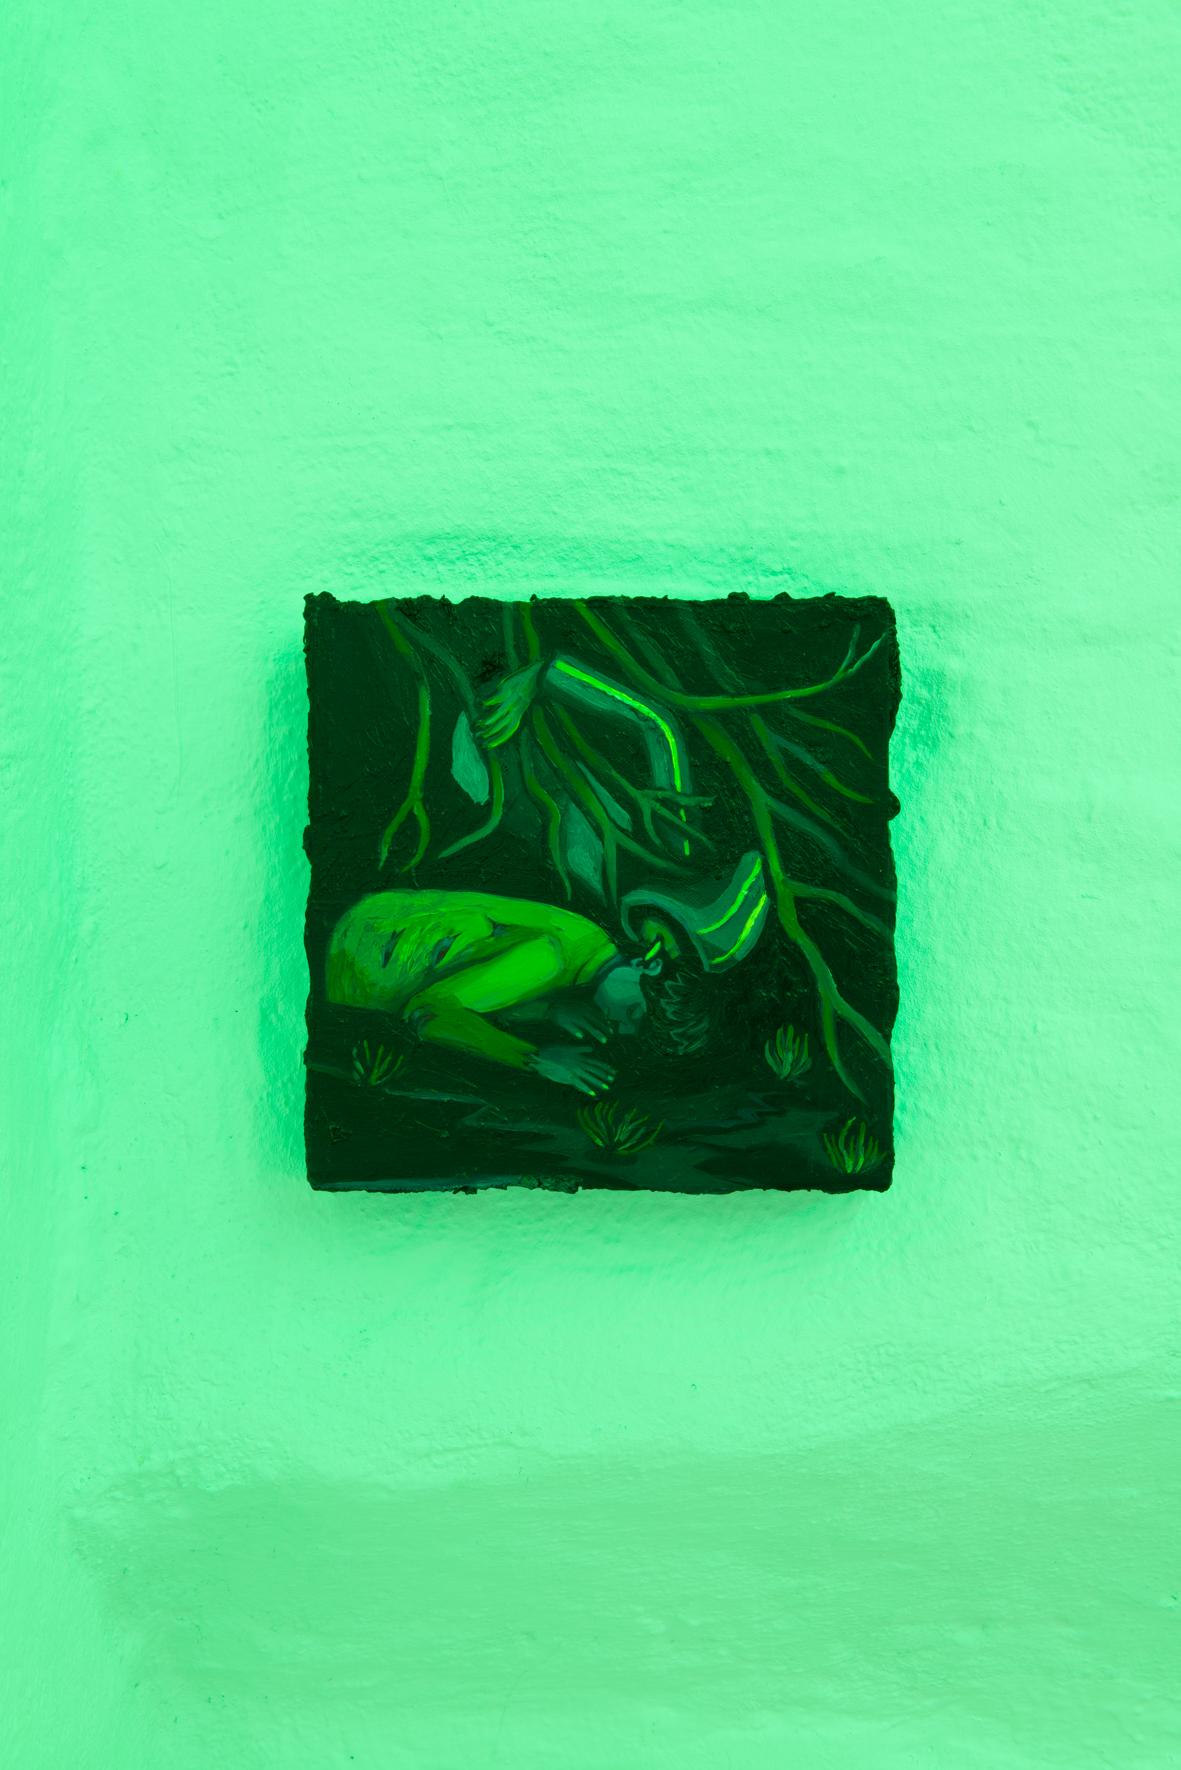 Giuliana Rosso, Erbacce, 2019, oil on canvas, 20 x 20 cm